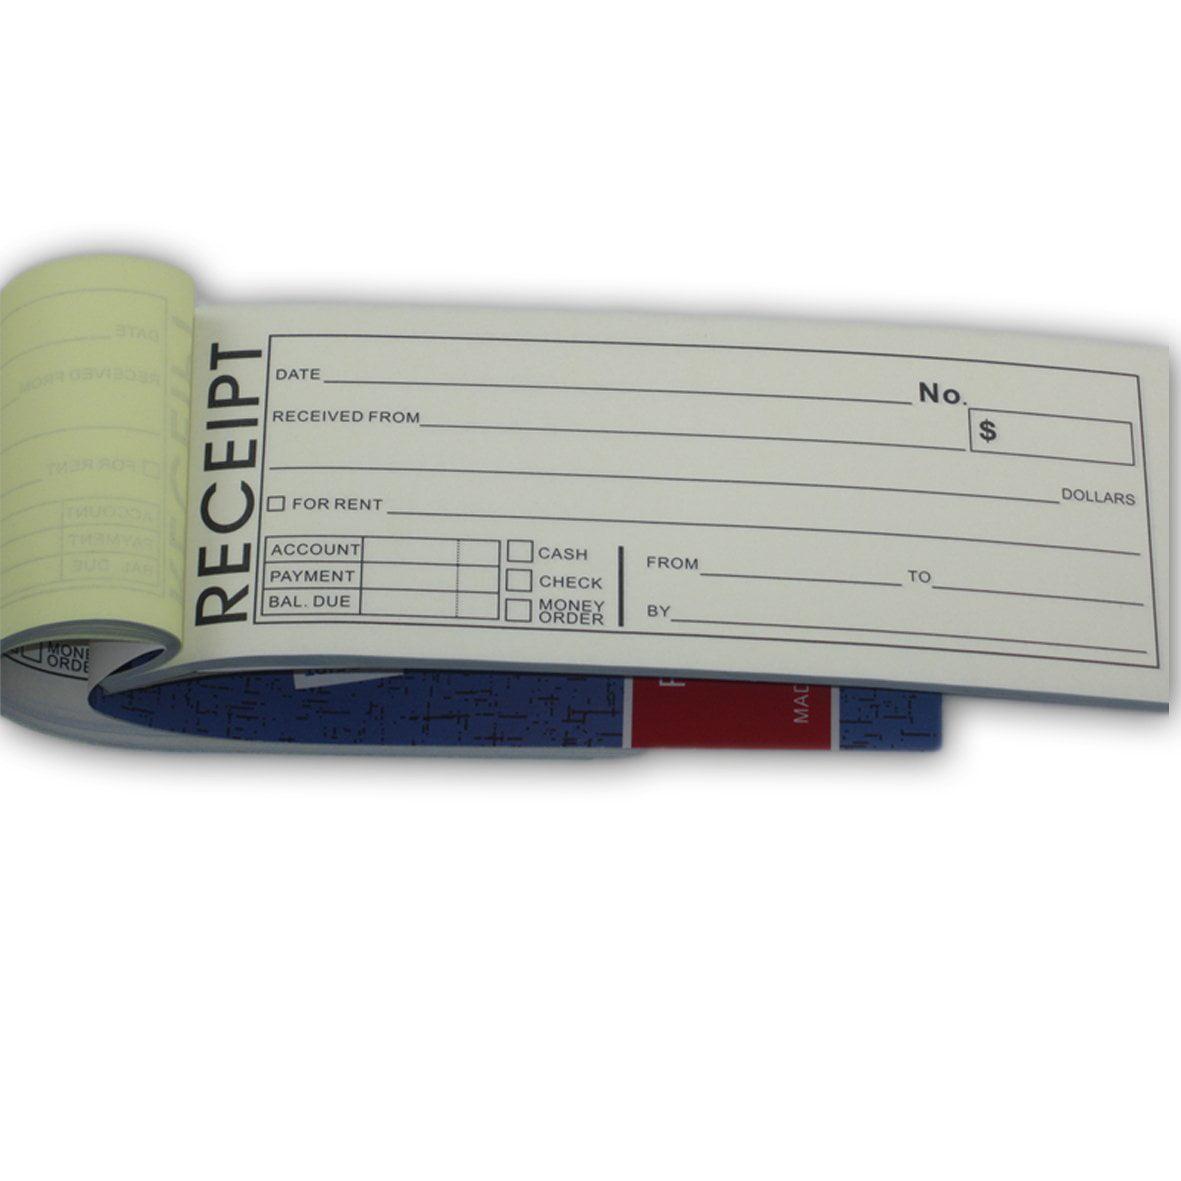 Rent Receipt Book With Carbon Copy Duplicate 2 parts 50 Sets Size: 8 ...